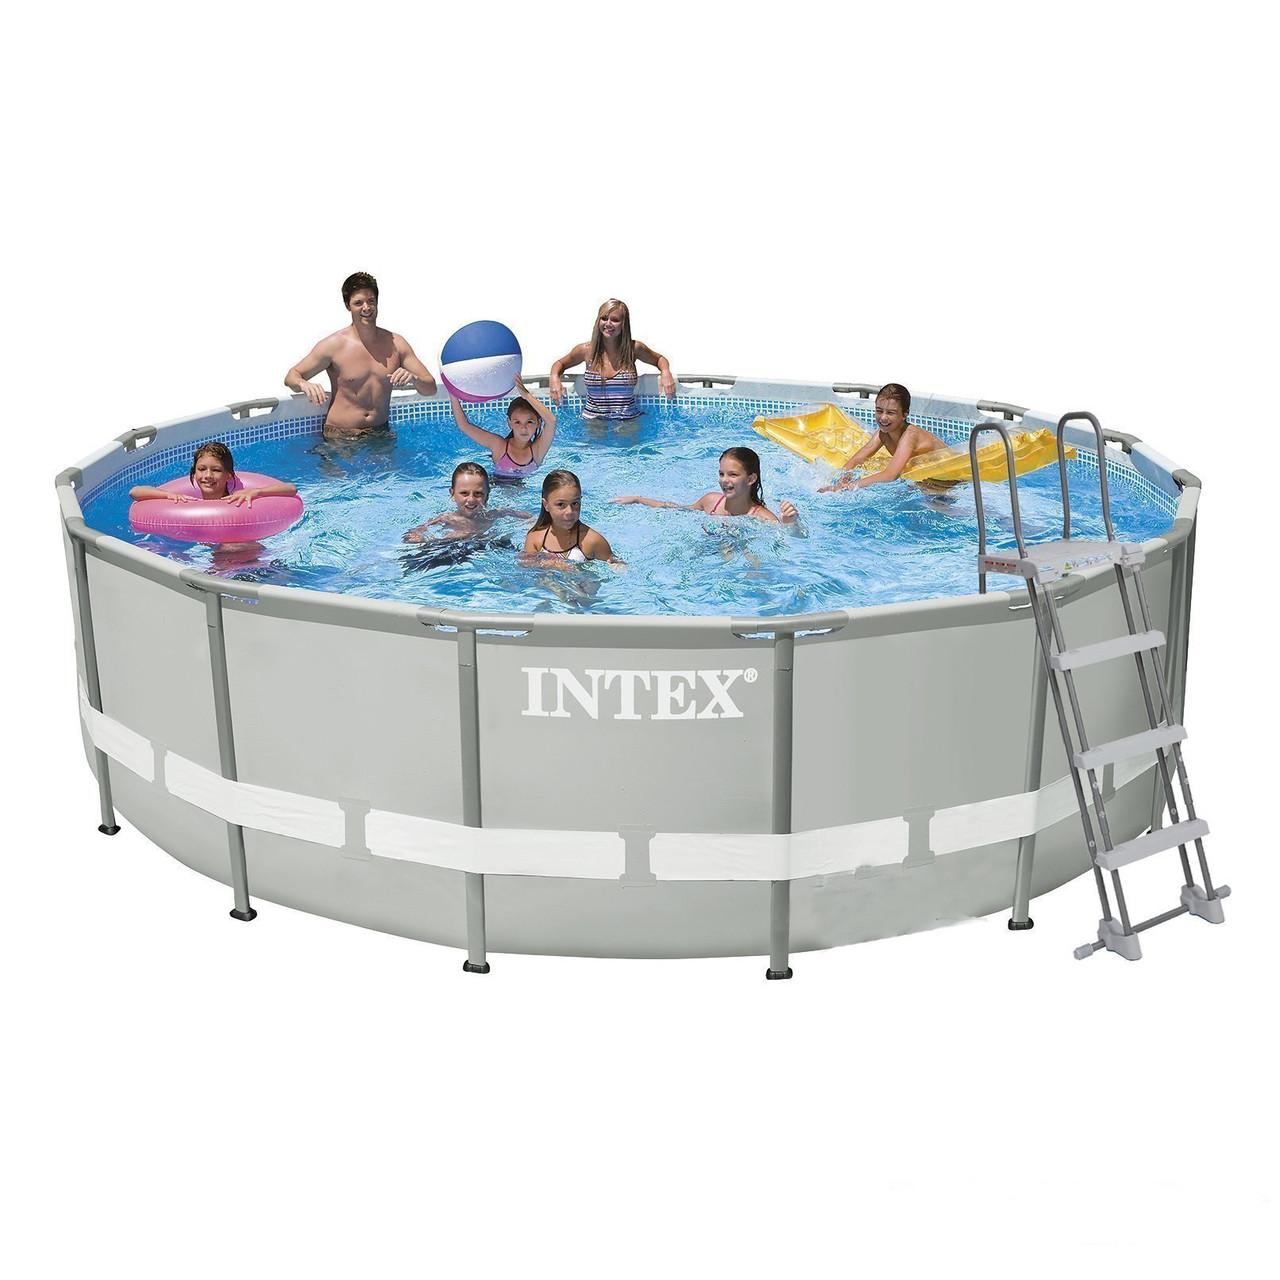 Каркасный бассейн Intex 28322-4. Серия Ultra Frame - 488 x 122 см Басейн круглый